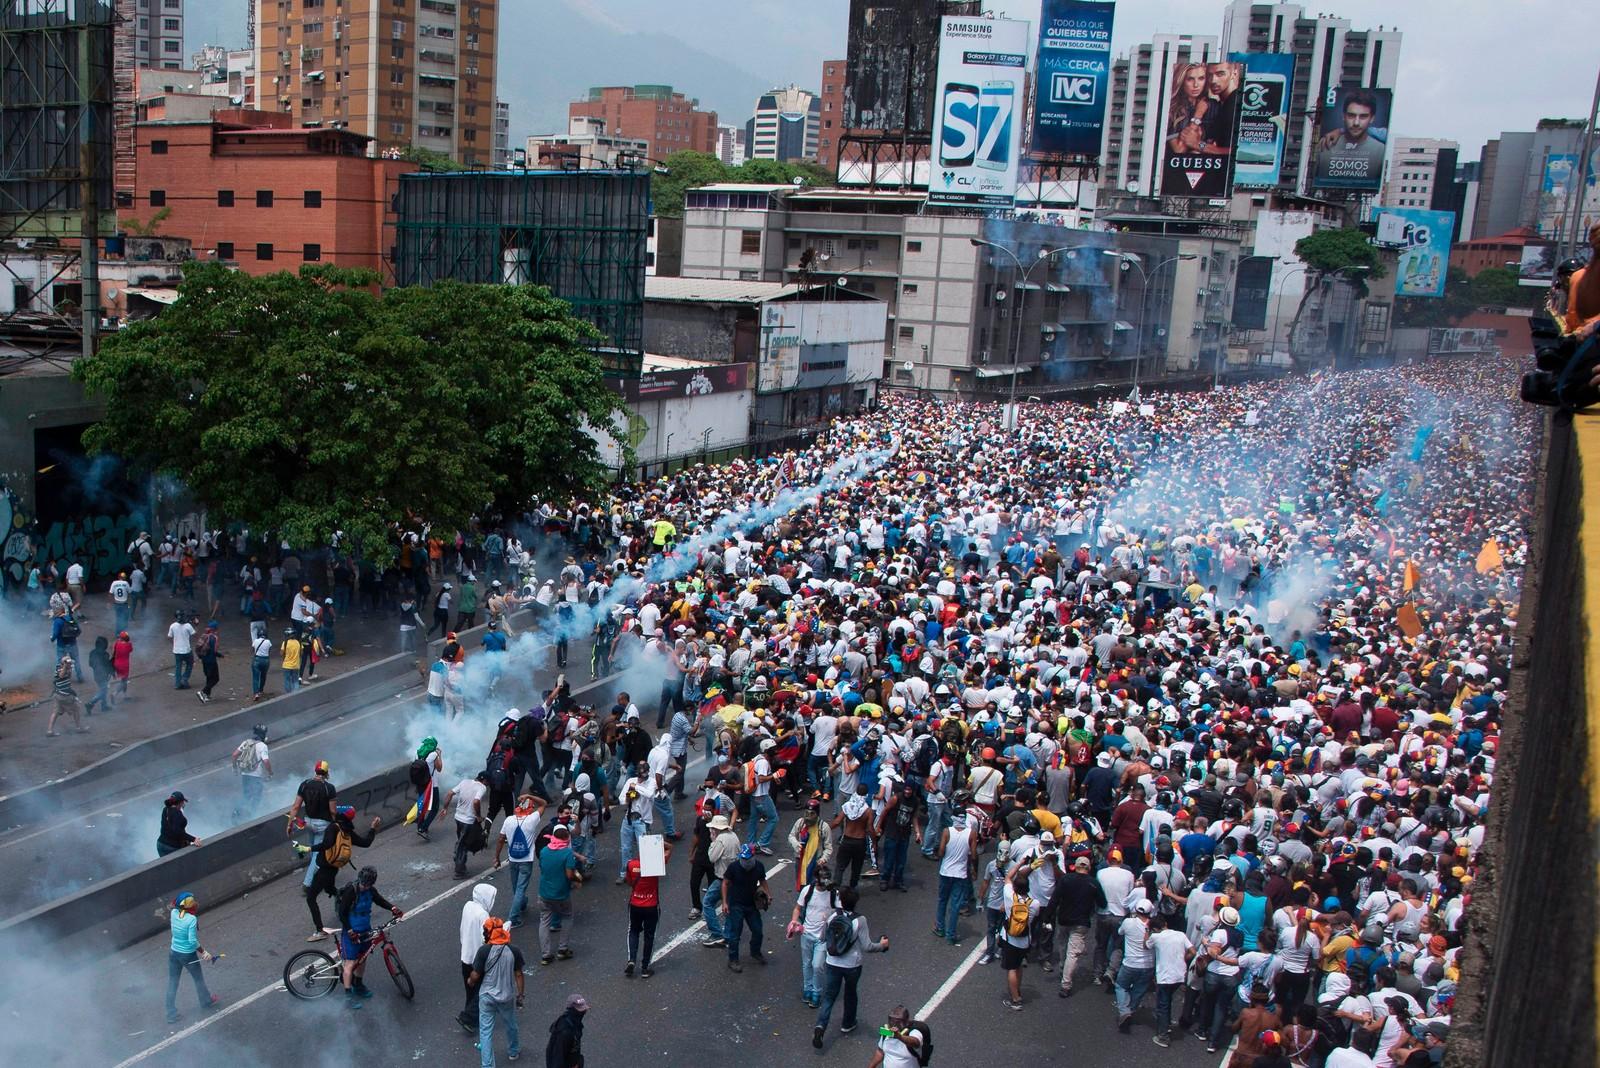 Flere hundre tusen demonstranter har tatt til gatene.